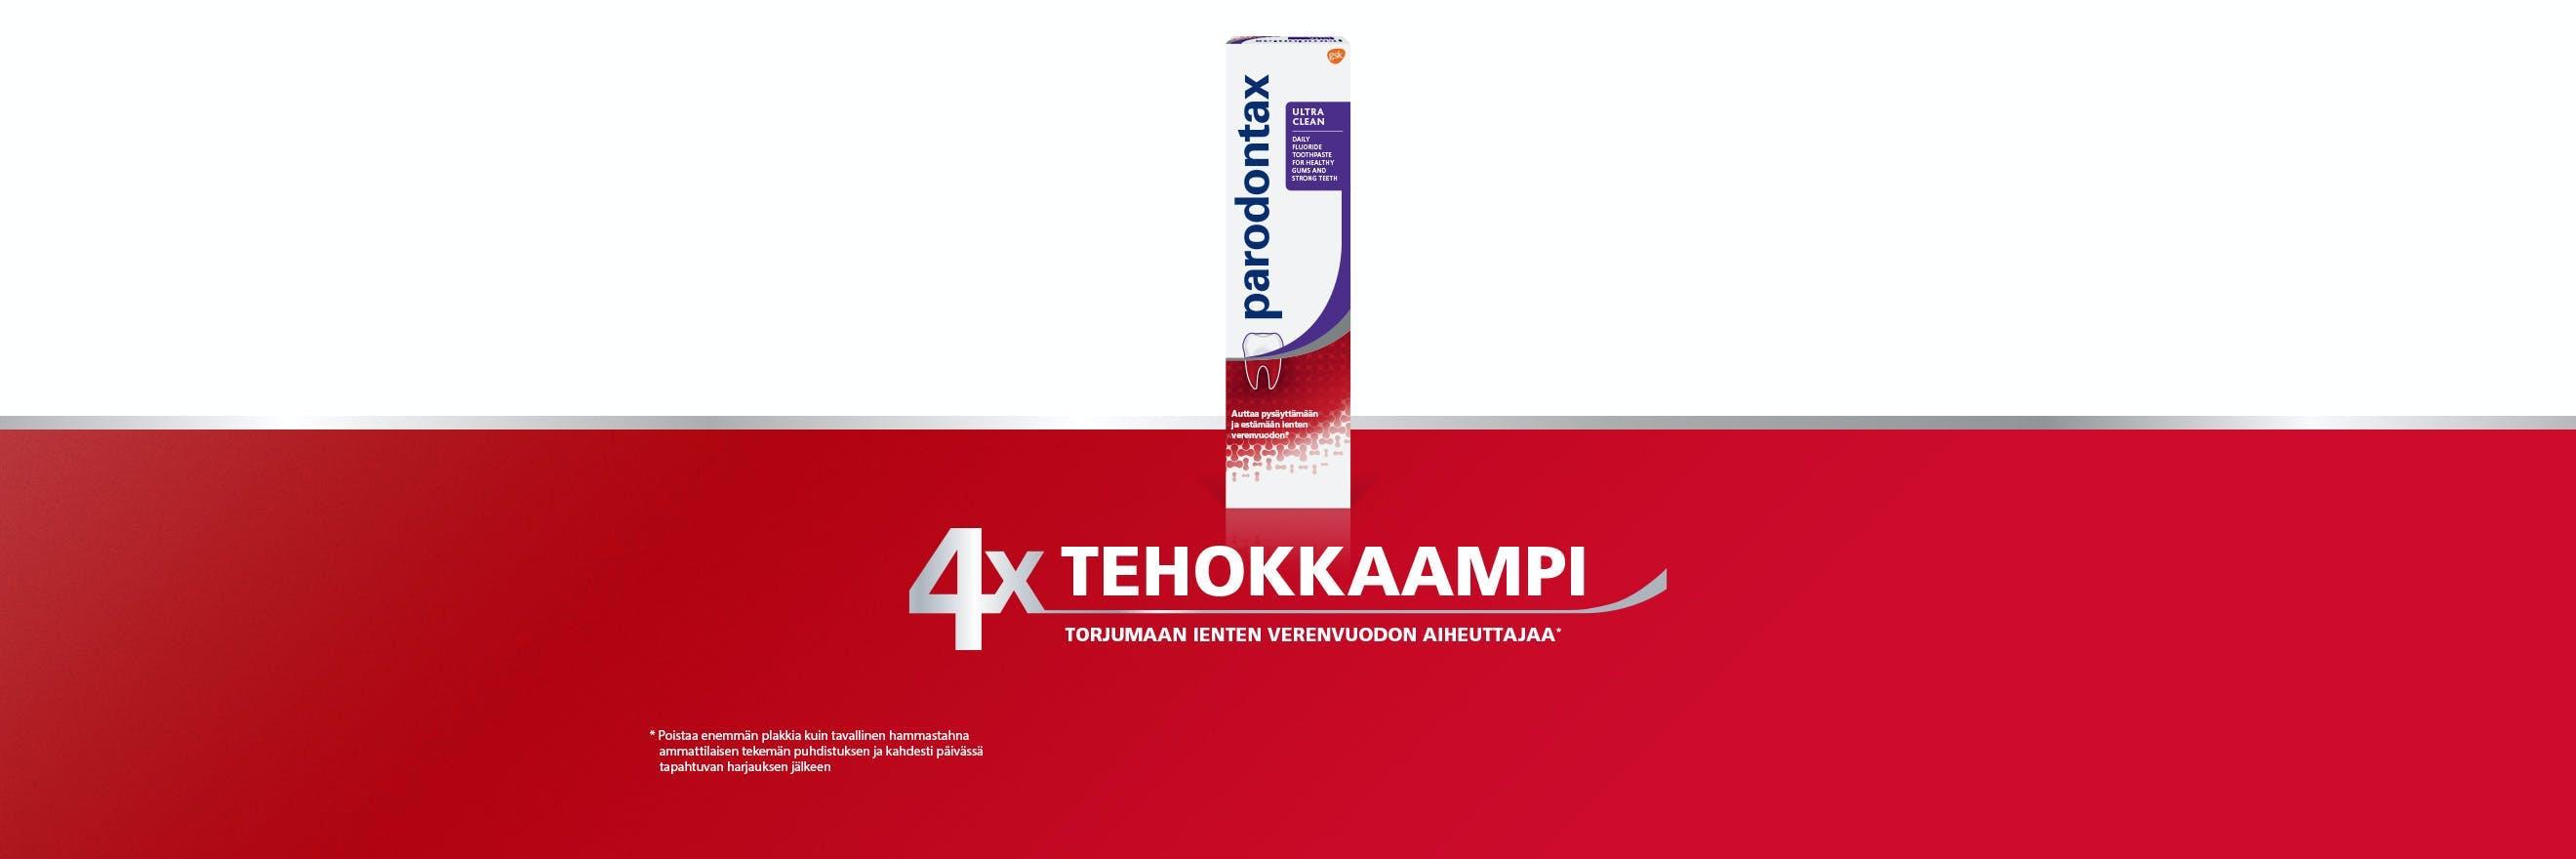 Uusi parodontax Daily Ultra Clean -hammastahna